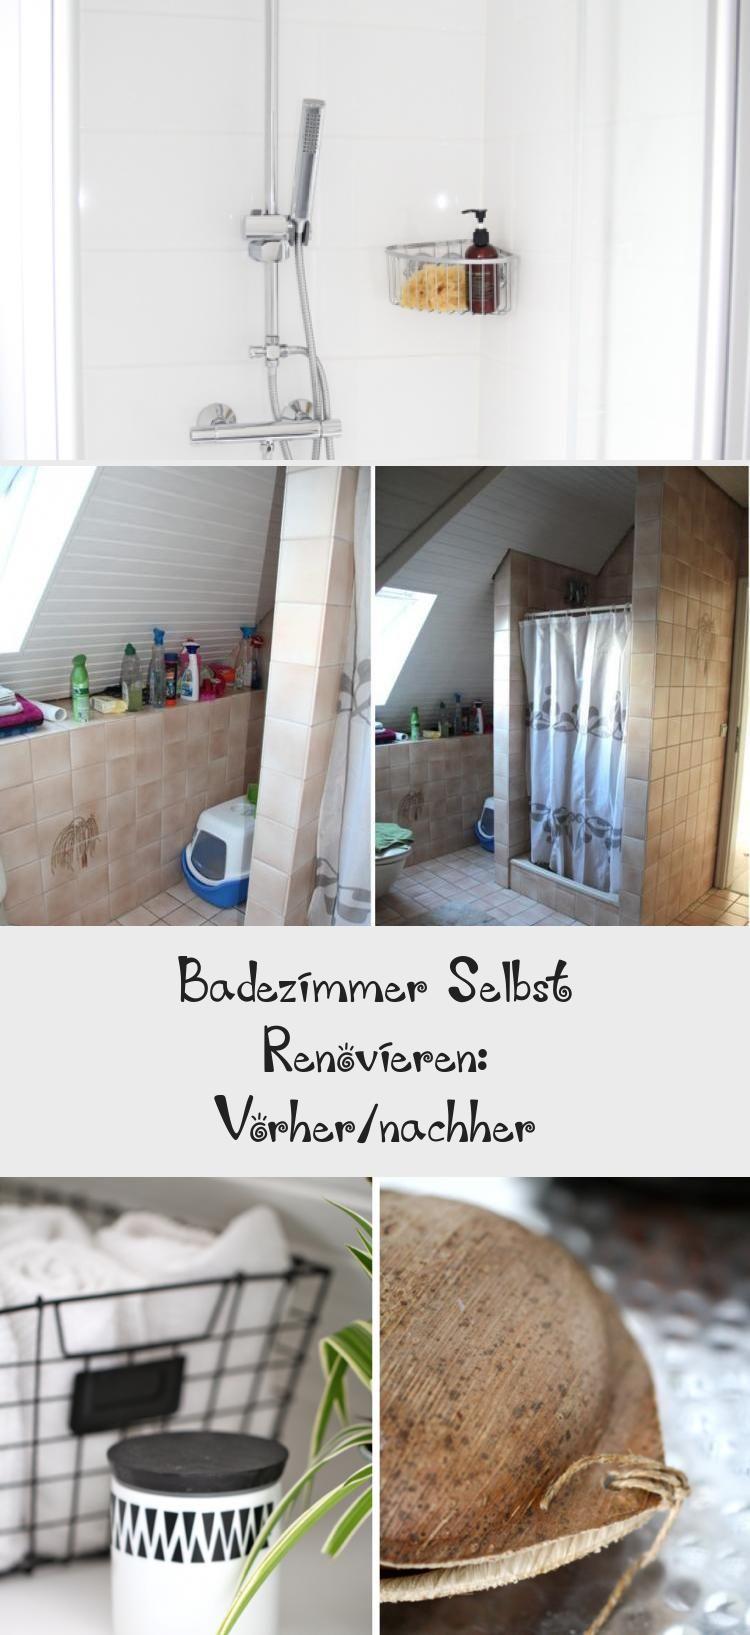 Badezimmer Selbst Renovieren Vorher Nachher With Images